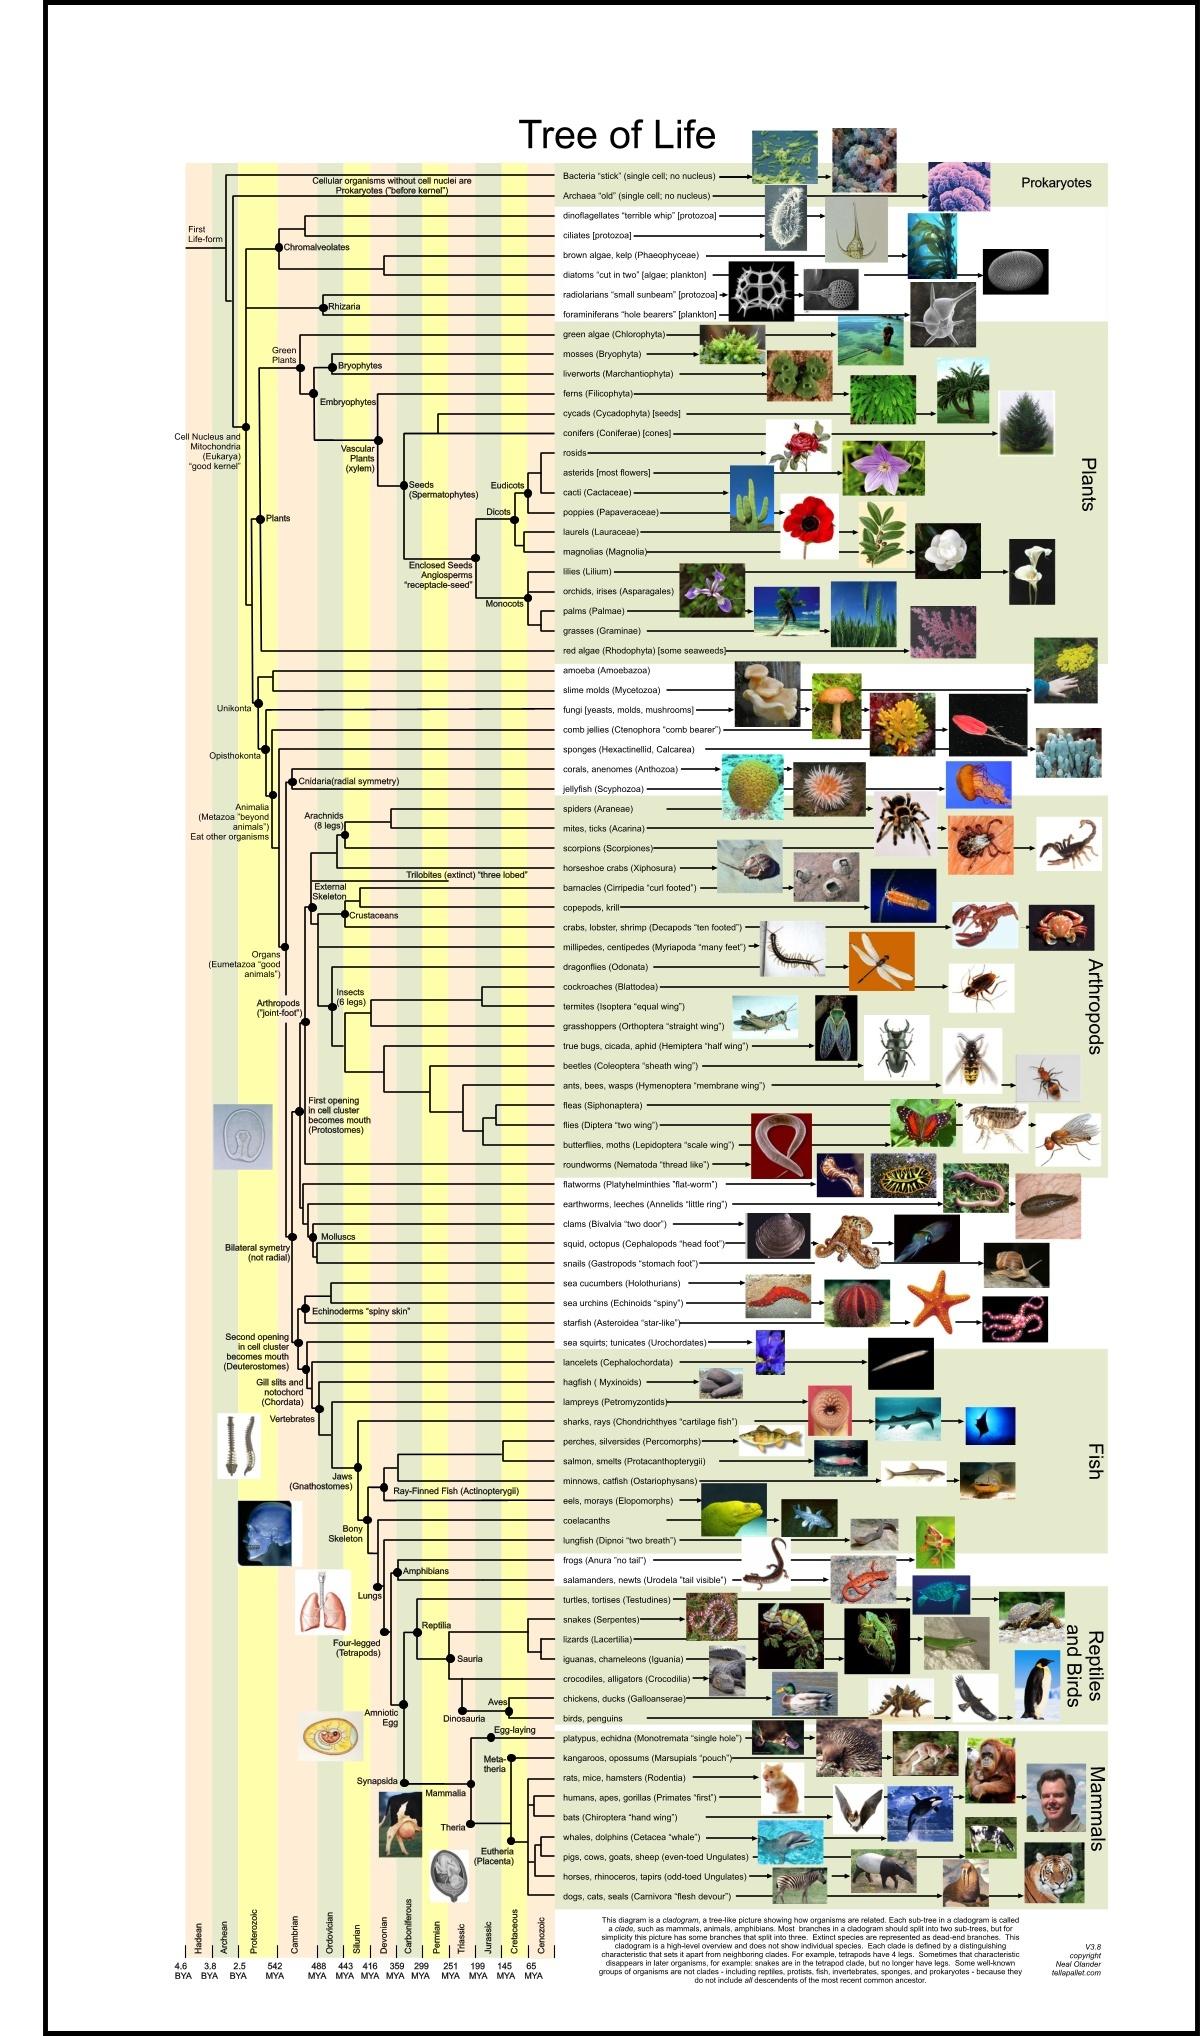 物种进化树 系统进化树 物种进化路线图 如何分析一个基因...